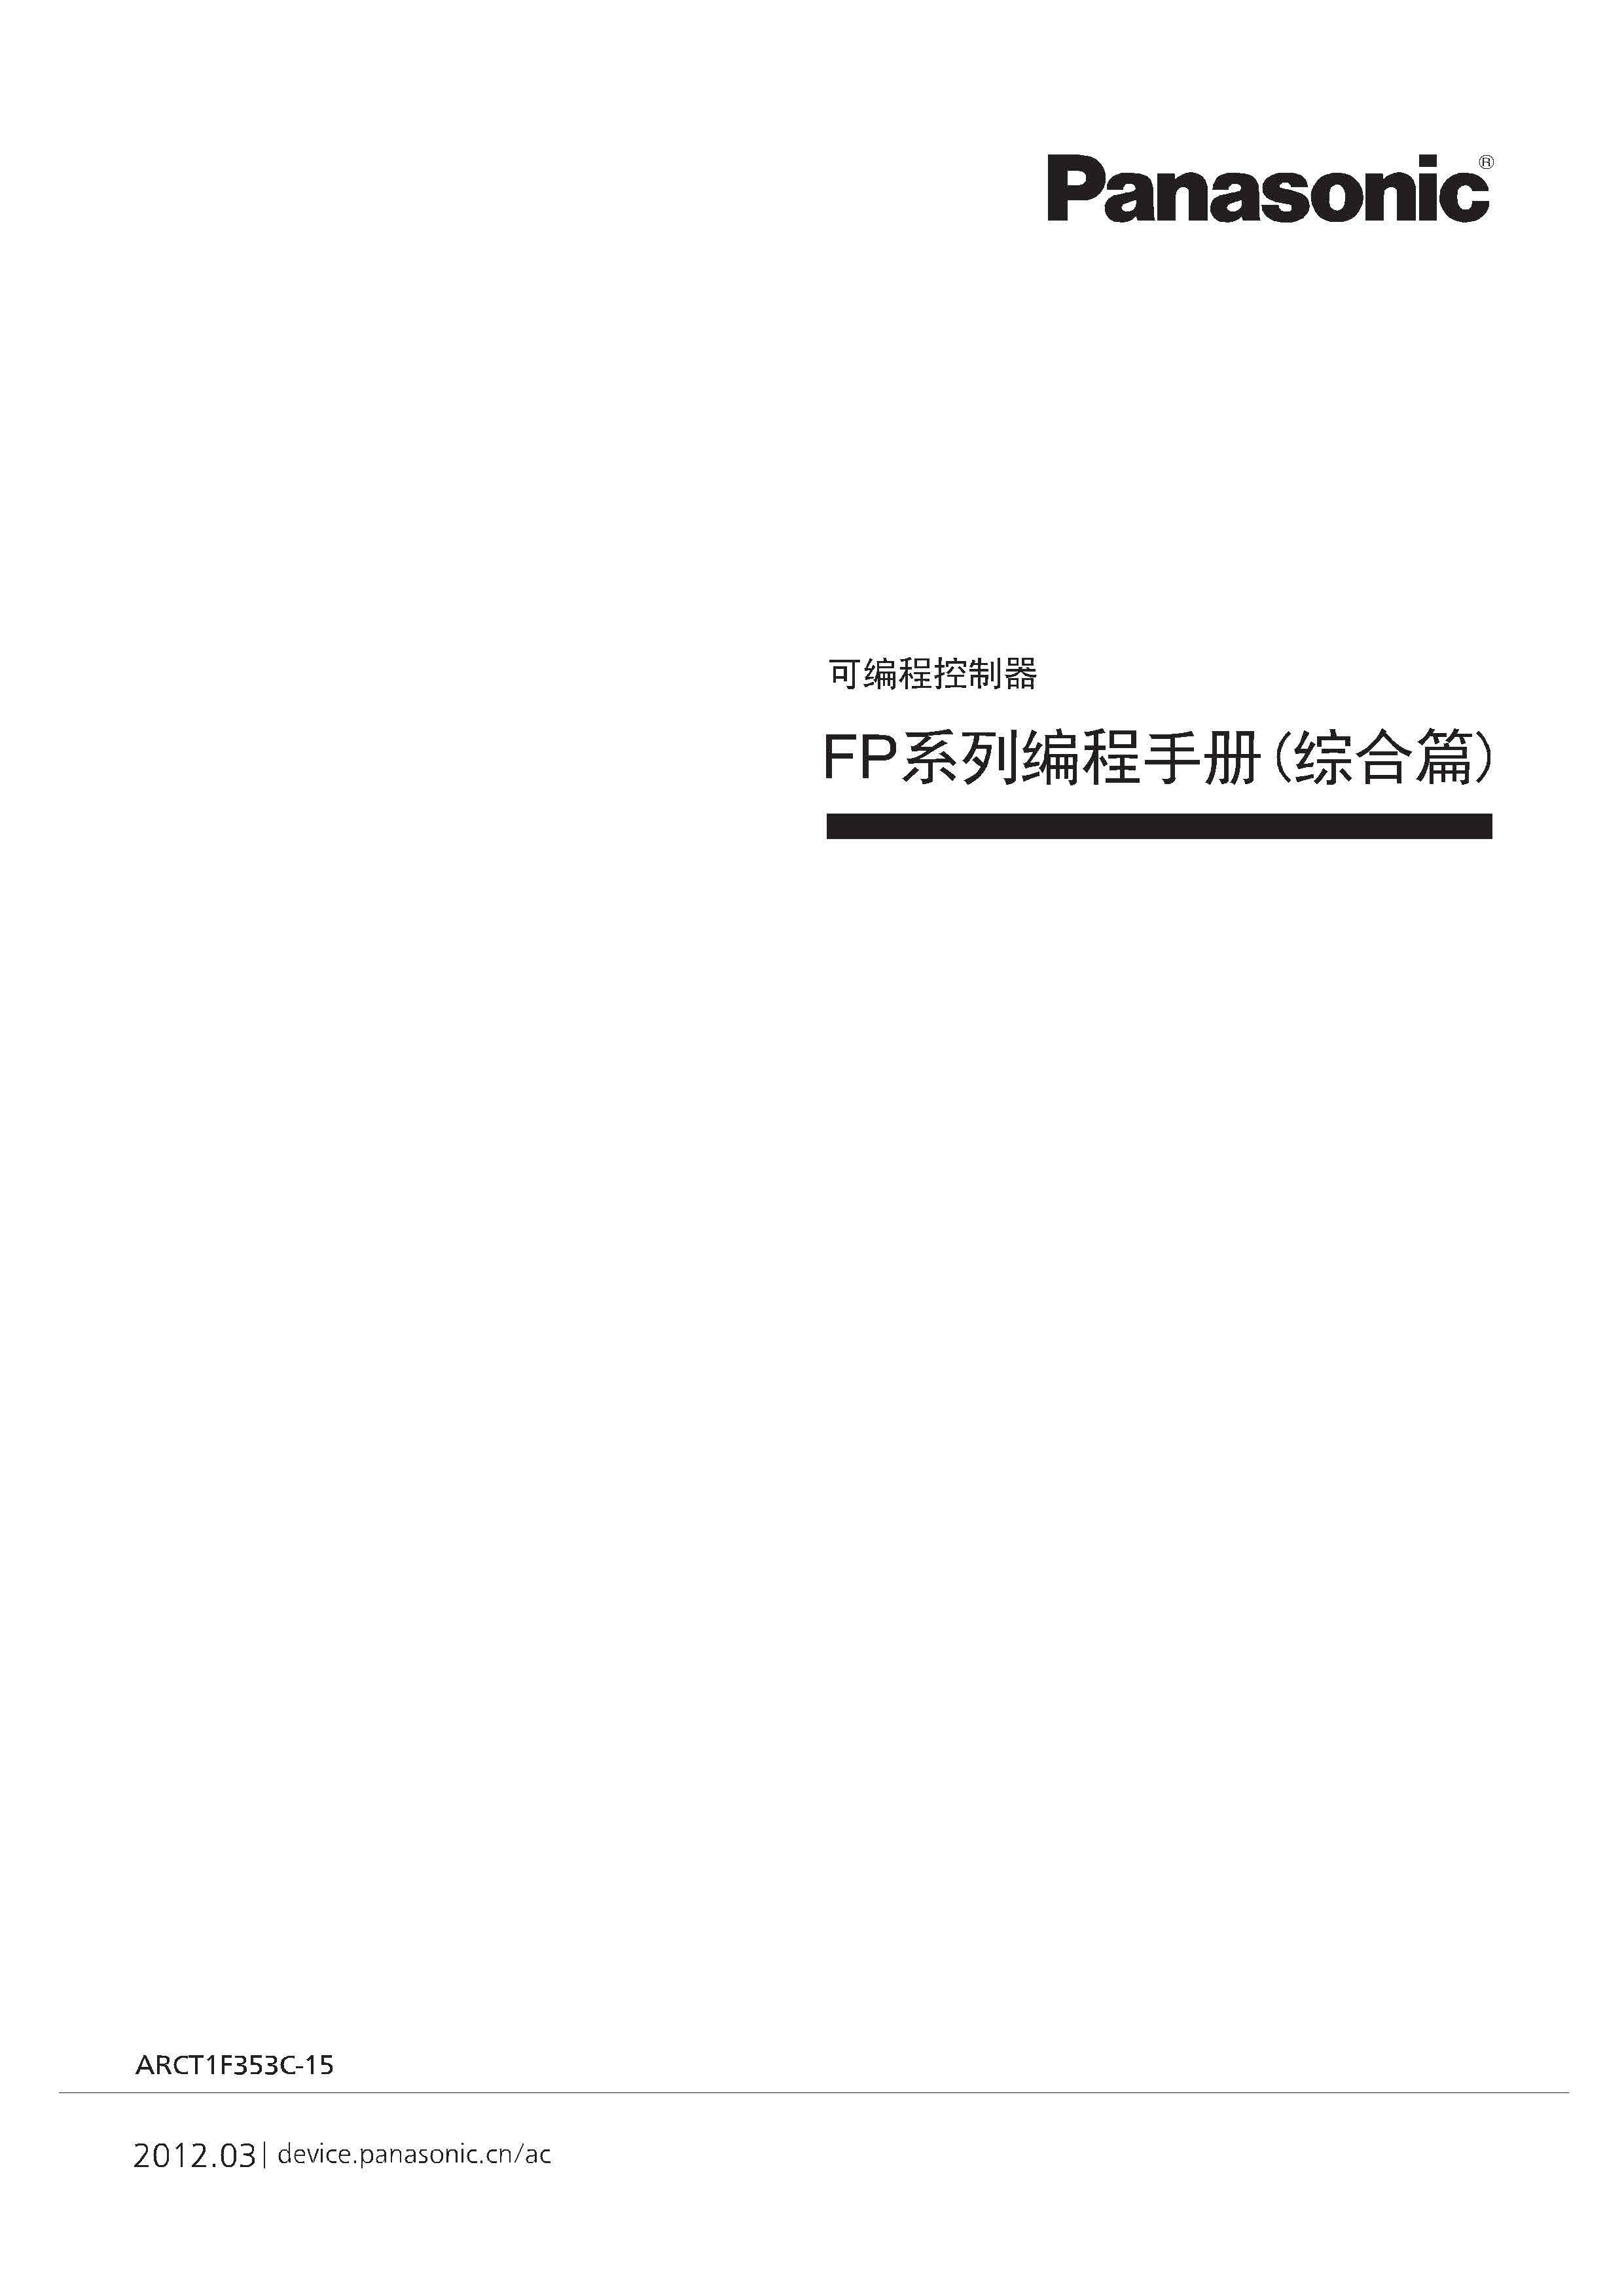 松下  FP系列编程手册 (综合篇)